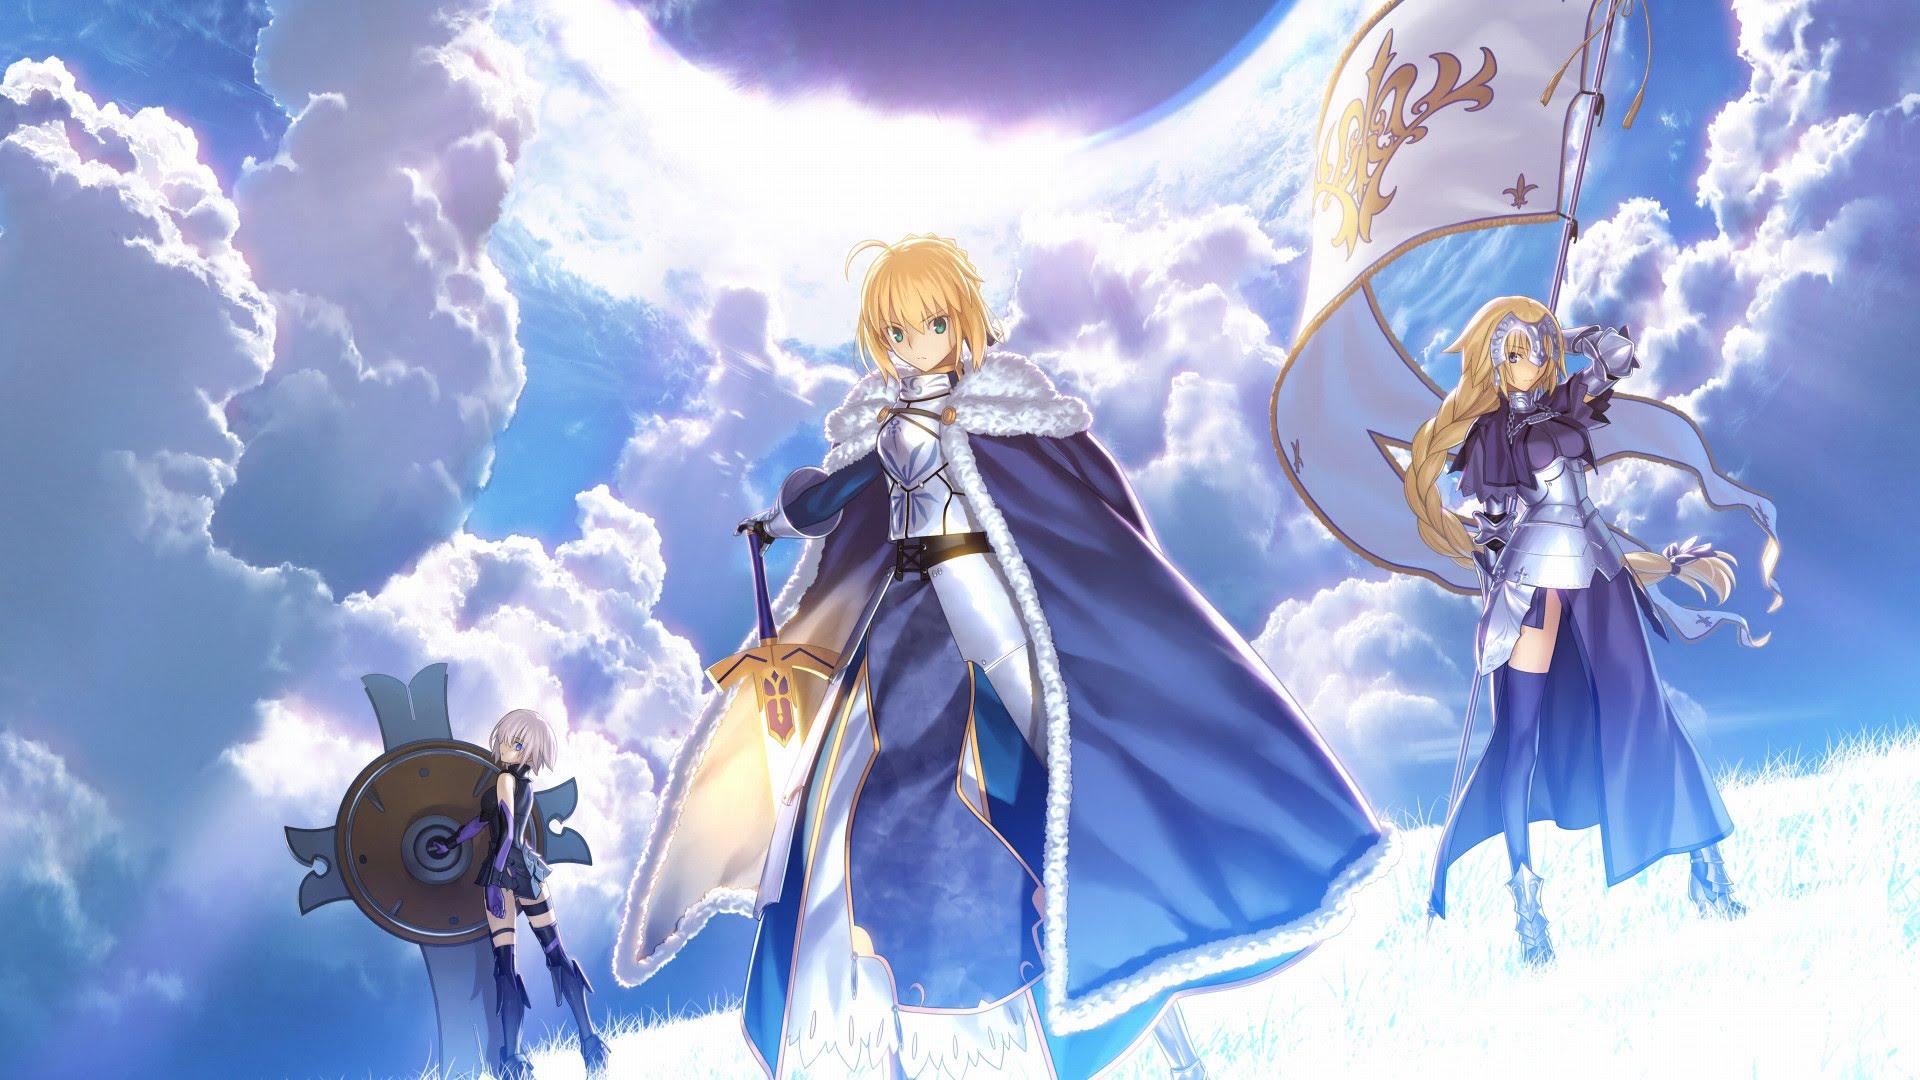 Game điện thoại hay Fate/Grand Order, vừa chơi vừa học tiếng anh